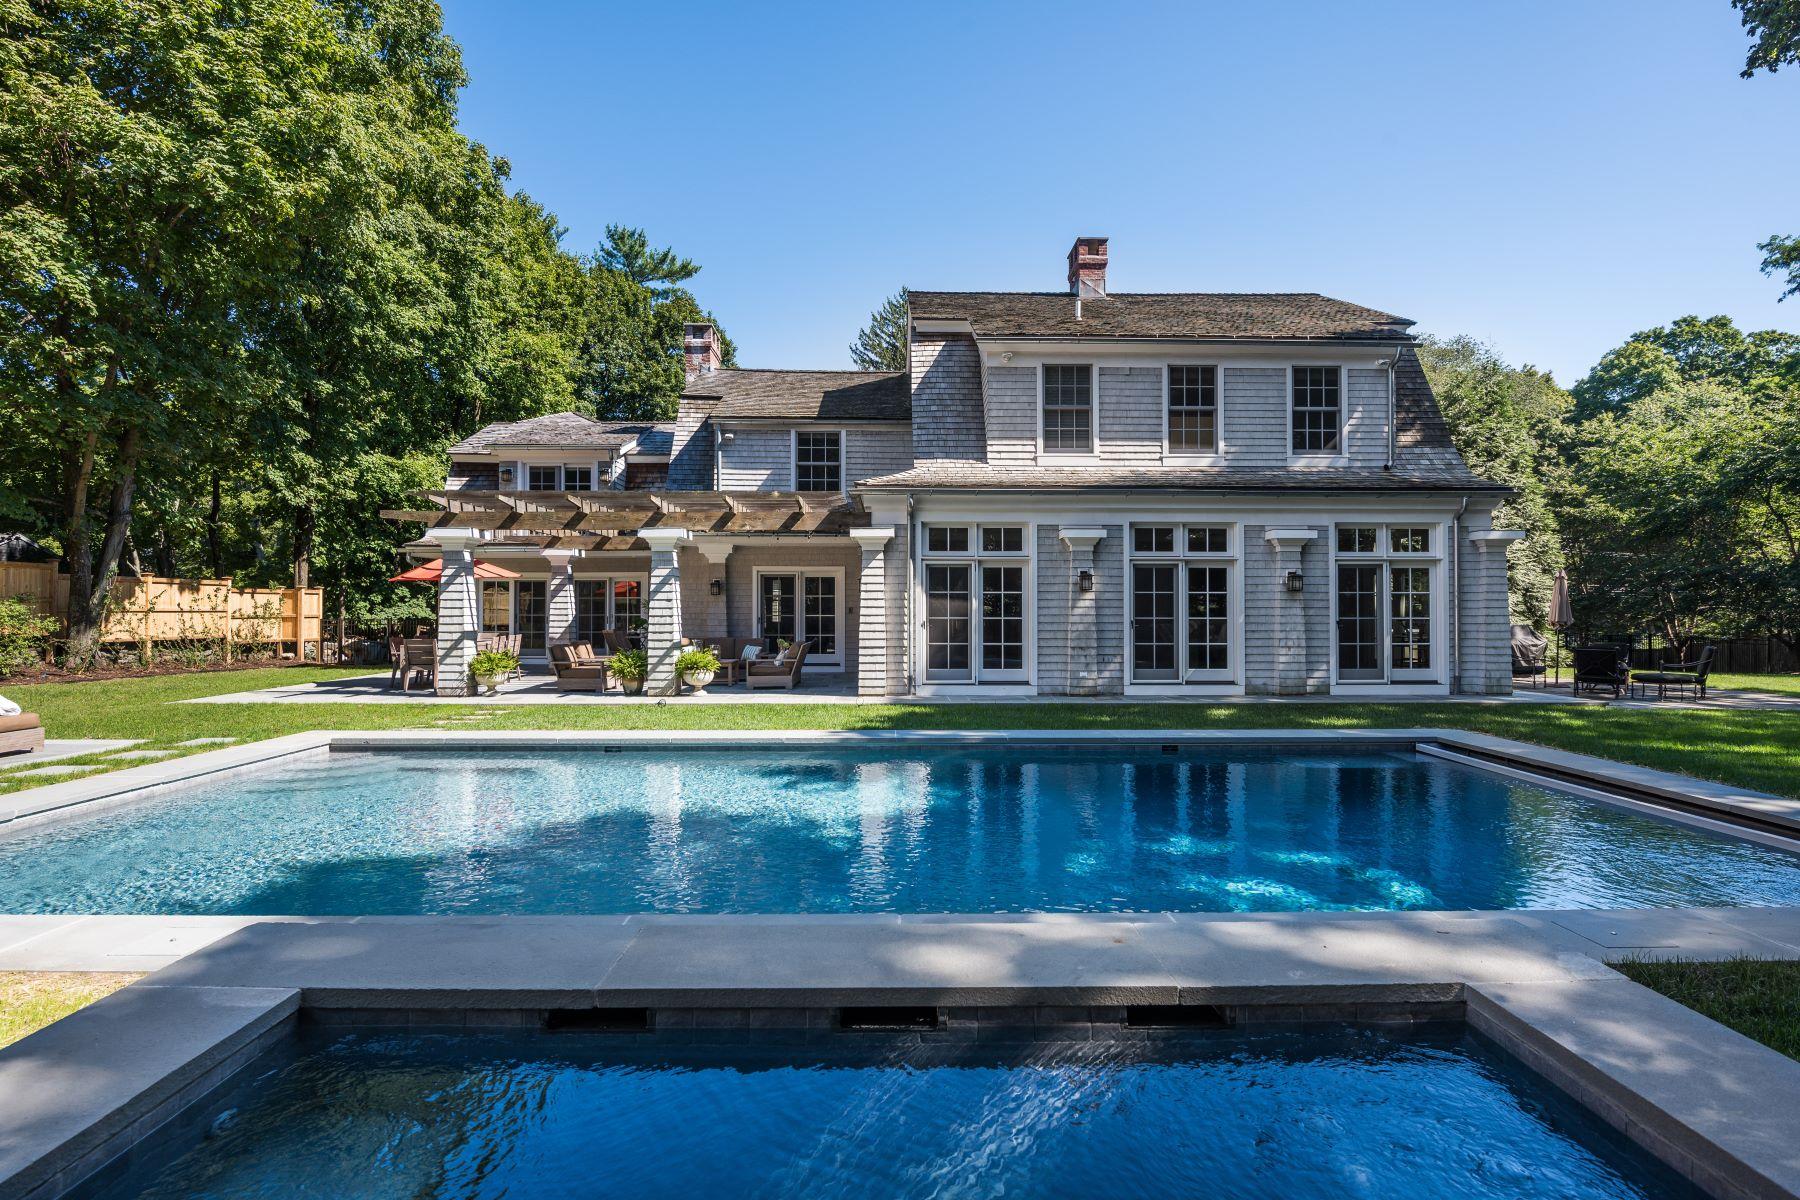 Частный односемейный дом для того Продажа на Elegant Westport Property on Compo Road 100 Compo Road South Westport, Коннектикут 06880 Соединенные Штаты